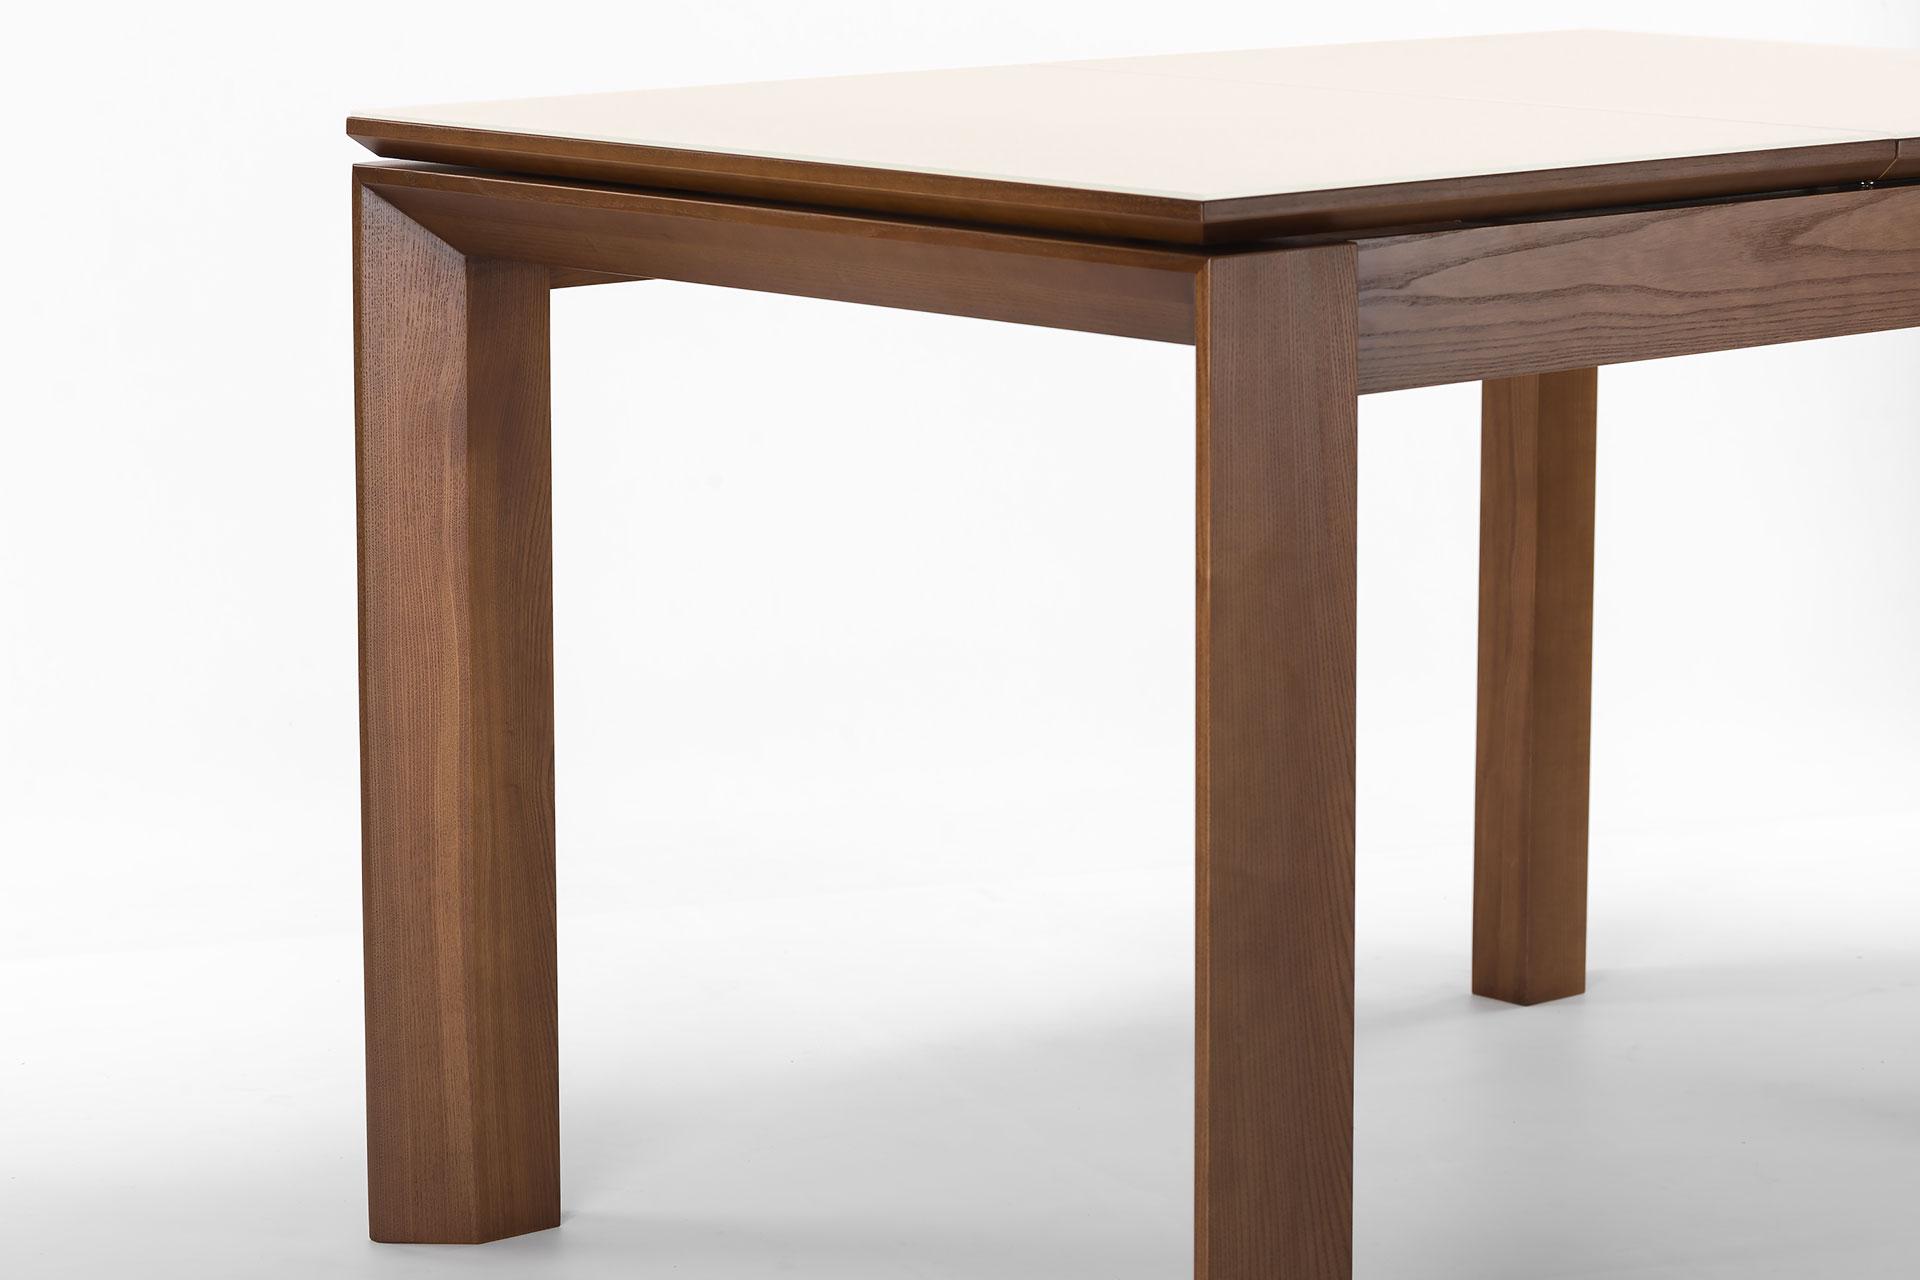 """Раскладной кухонный стол """"Милан-люкс"""", цвет SE7031, столешница с матовым стеклом. Торец стола"""